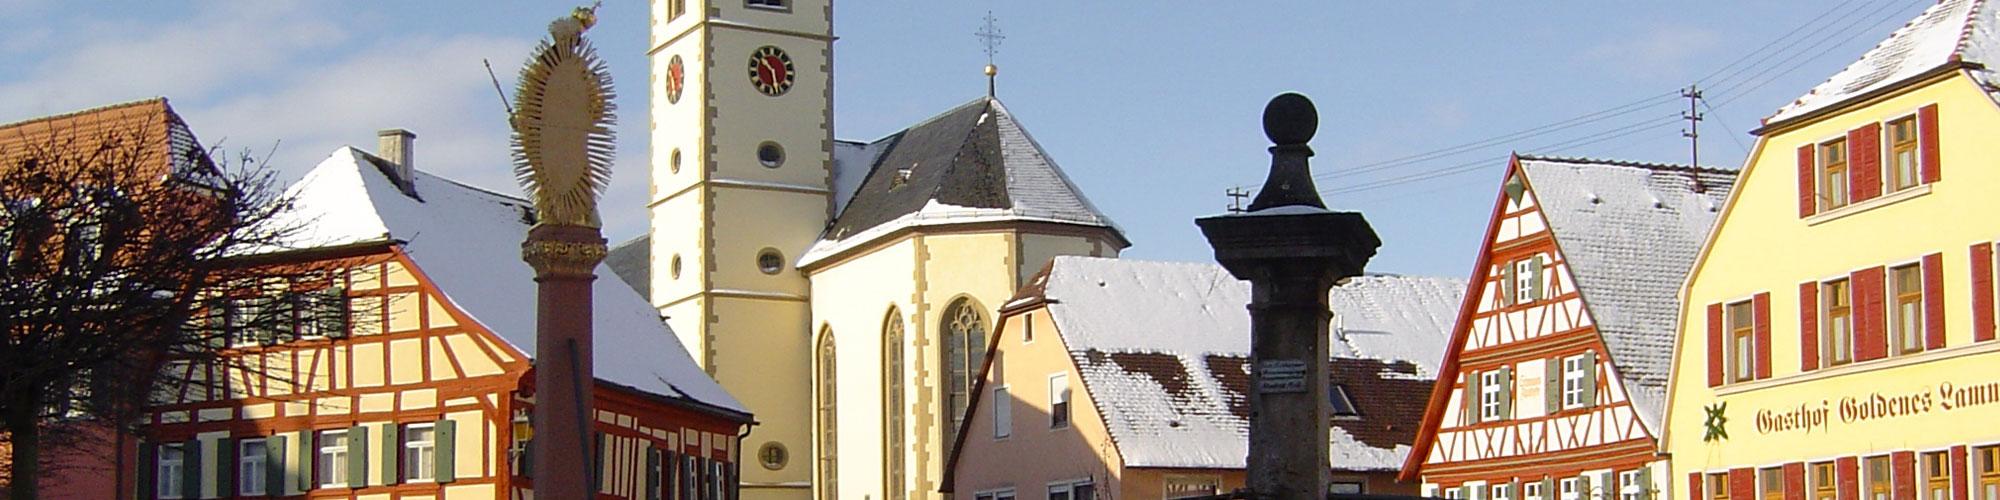 Stadtpfarrkirche Aub - Mariä Himmelfahrt